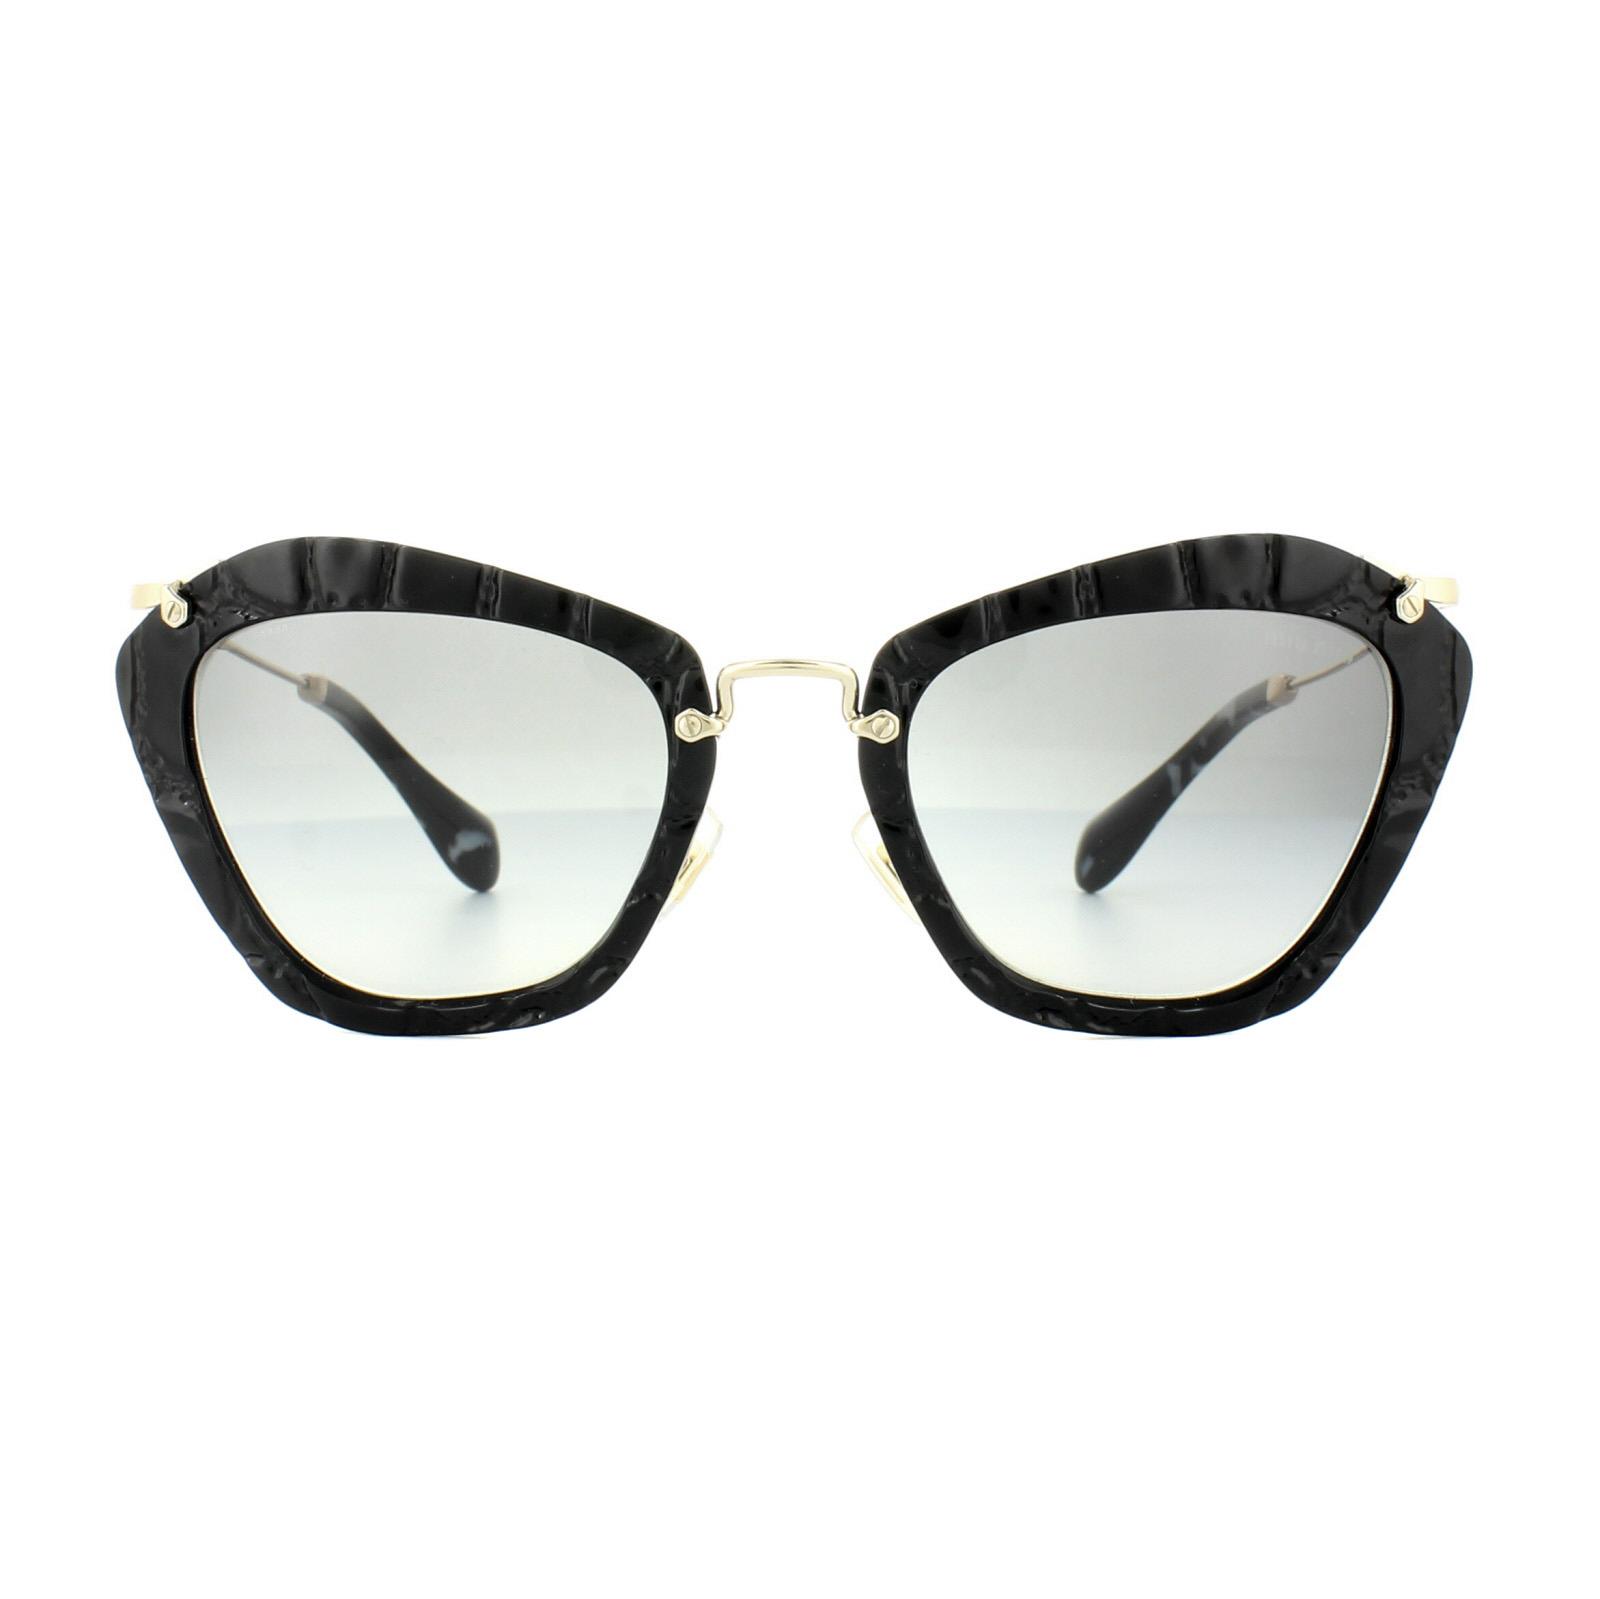 681452b0936 Sentinel Miu Miu Sunglasses 10NS USW3M1 Black Light Grey Gradient